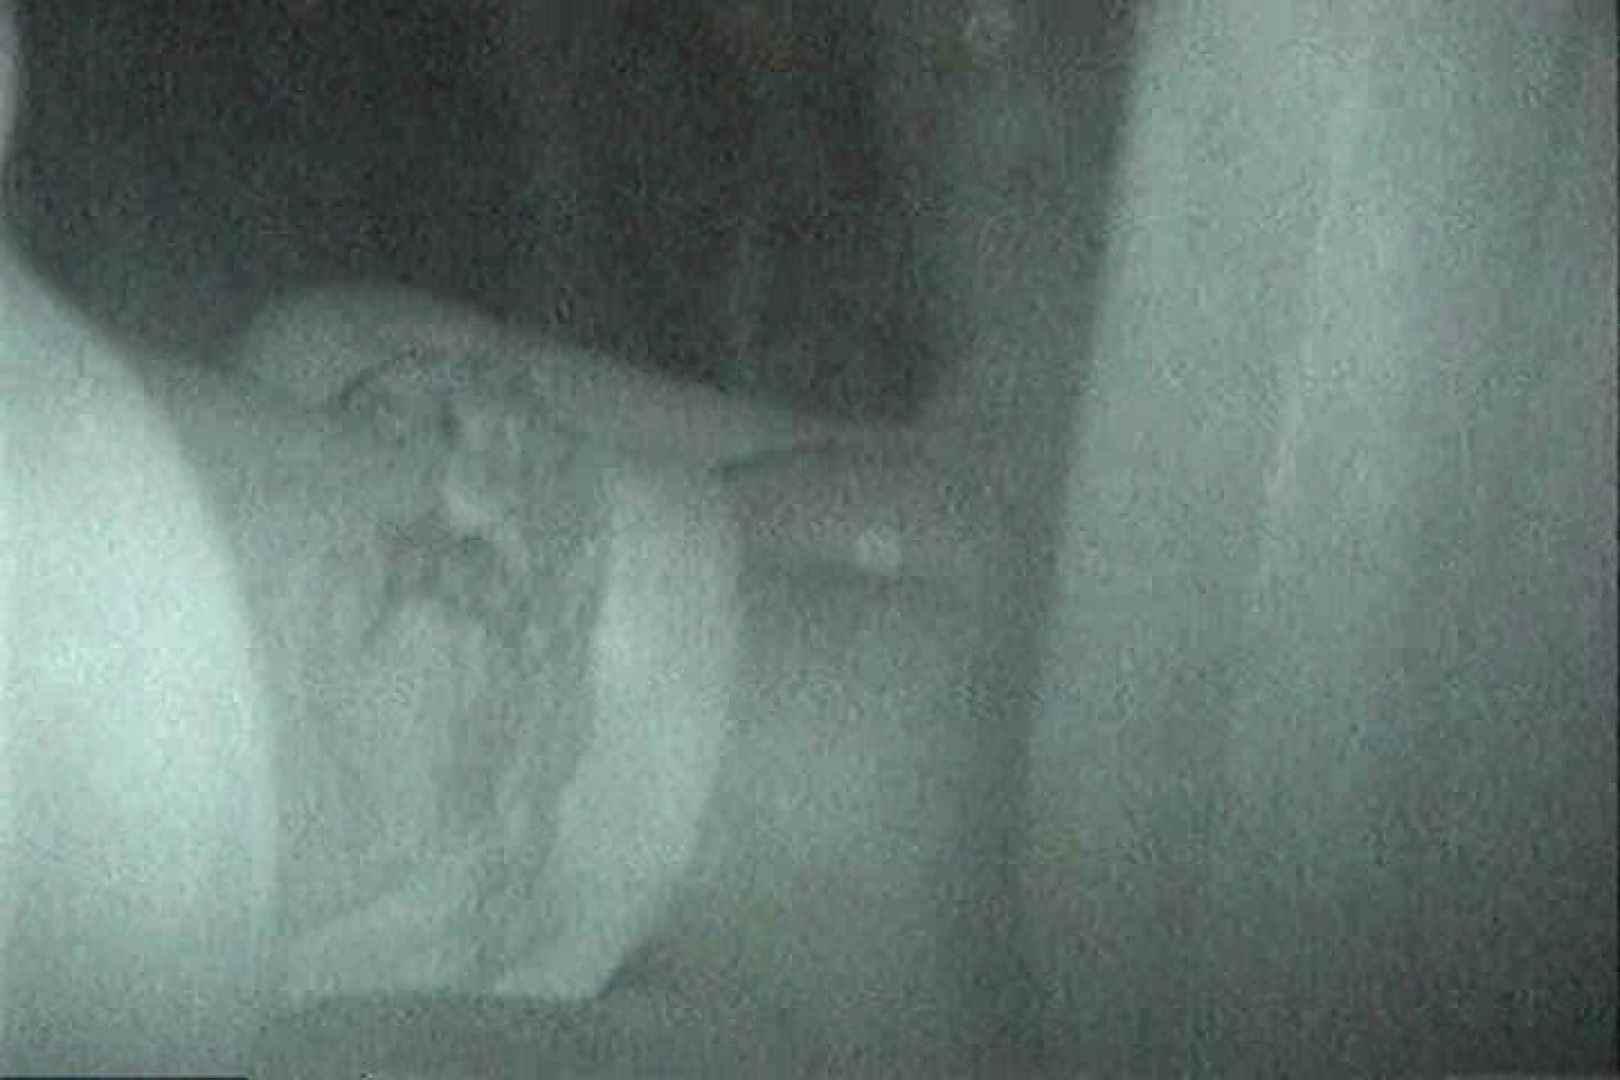 充血監督の深夜の運動会Vol.157 OLセックス  109画像 56